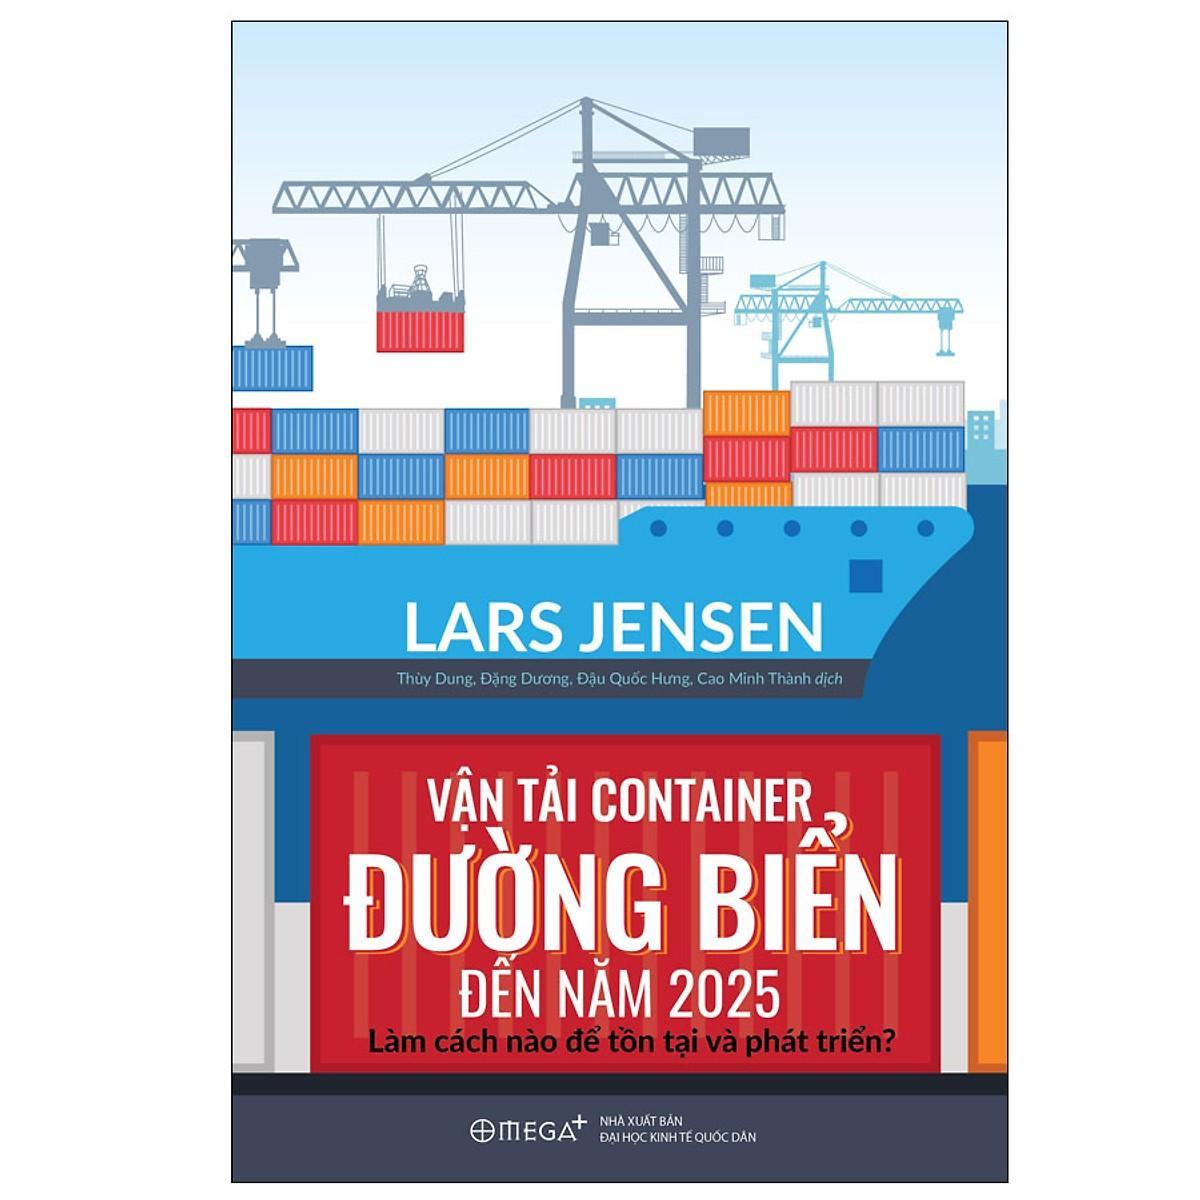 Voucher Giảm Giá Vận Tải Container đường Biển đến Năm 2025?